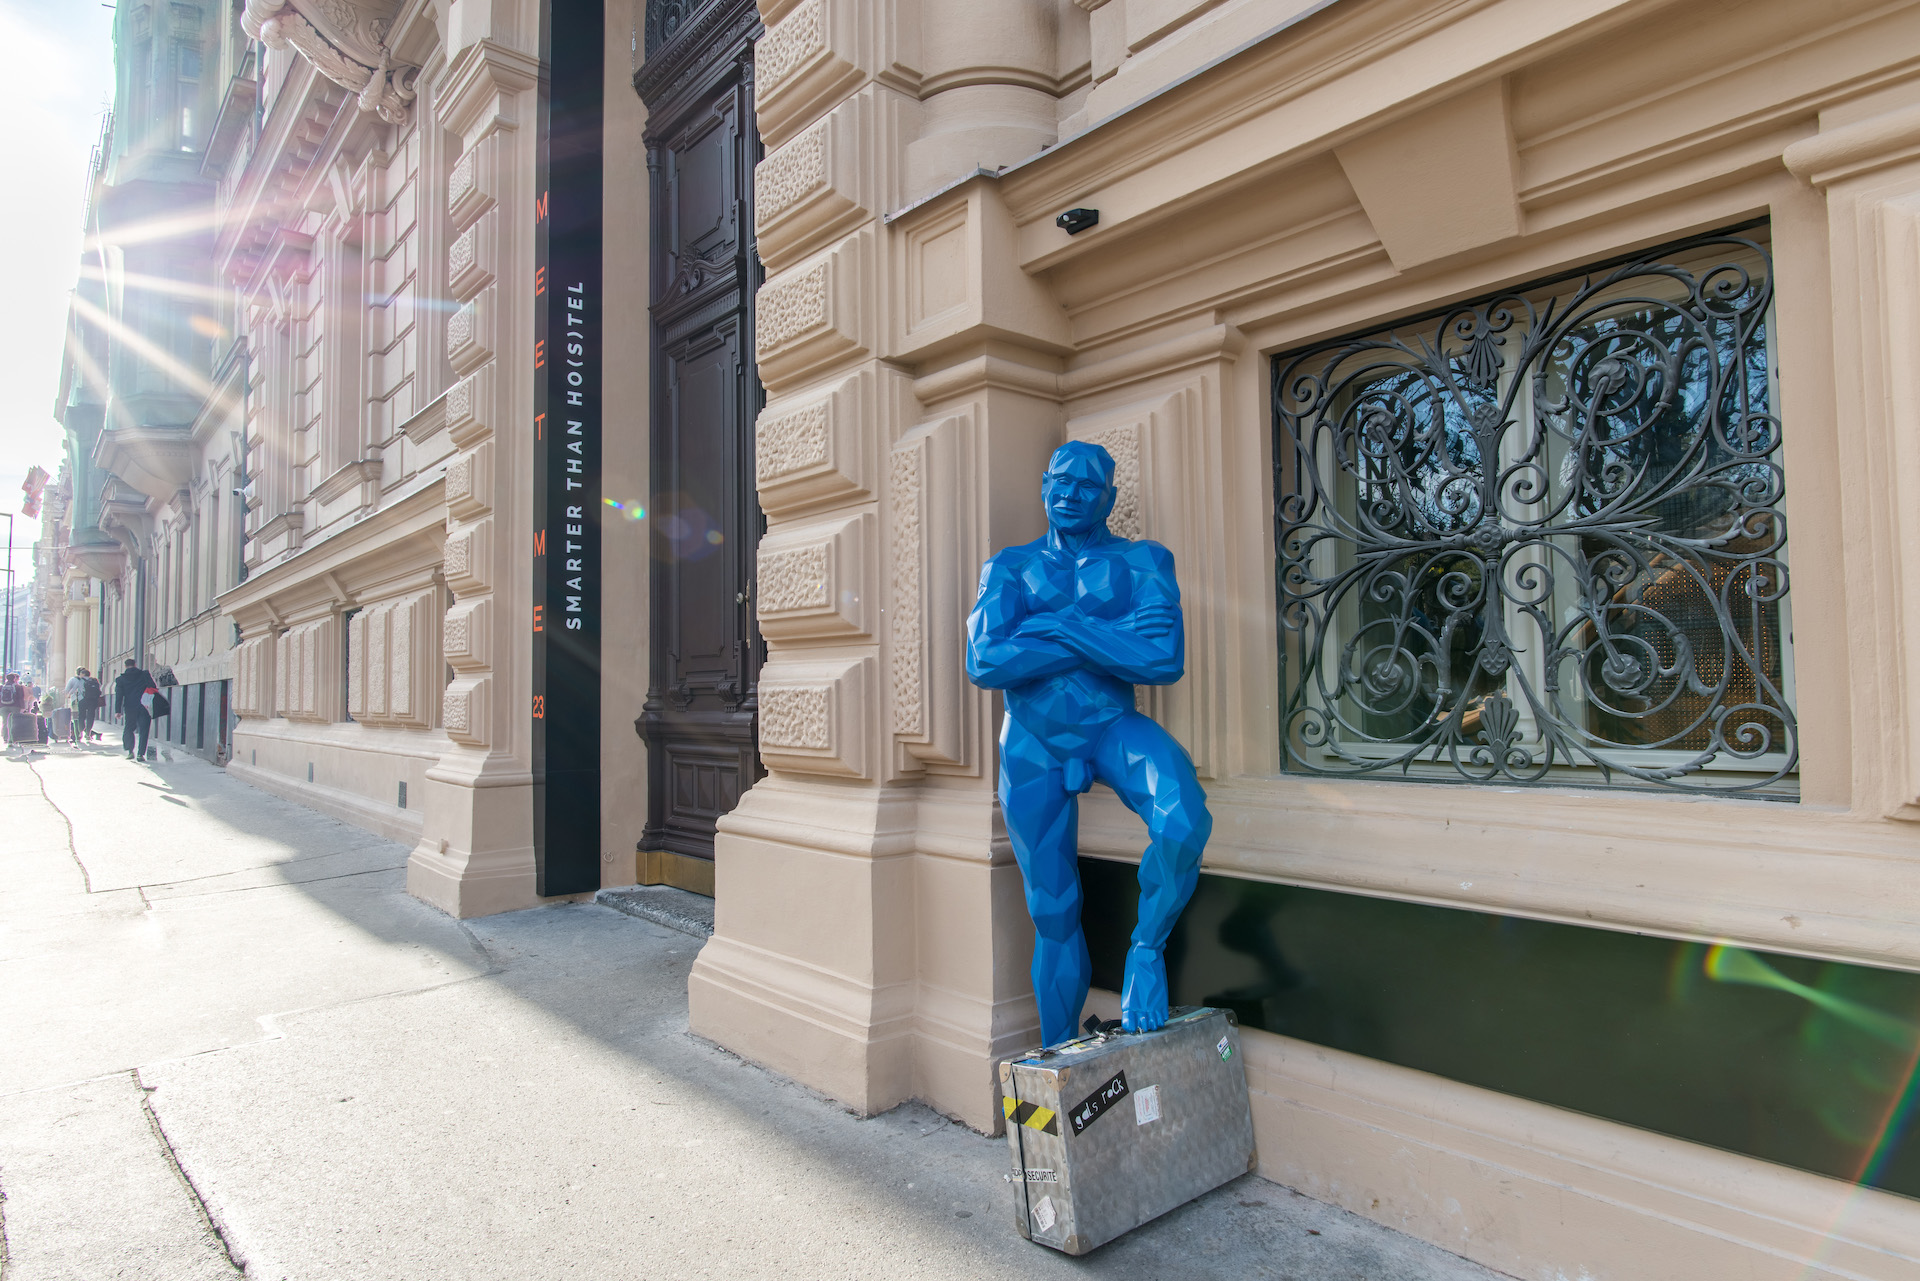 Blueman, všudypřítomný maskot MeetMe 23